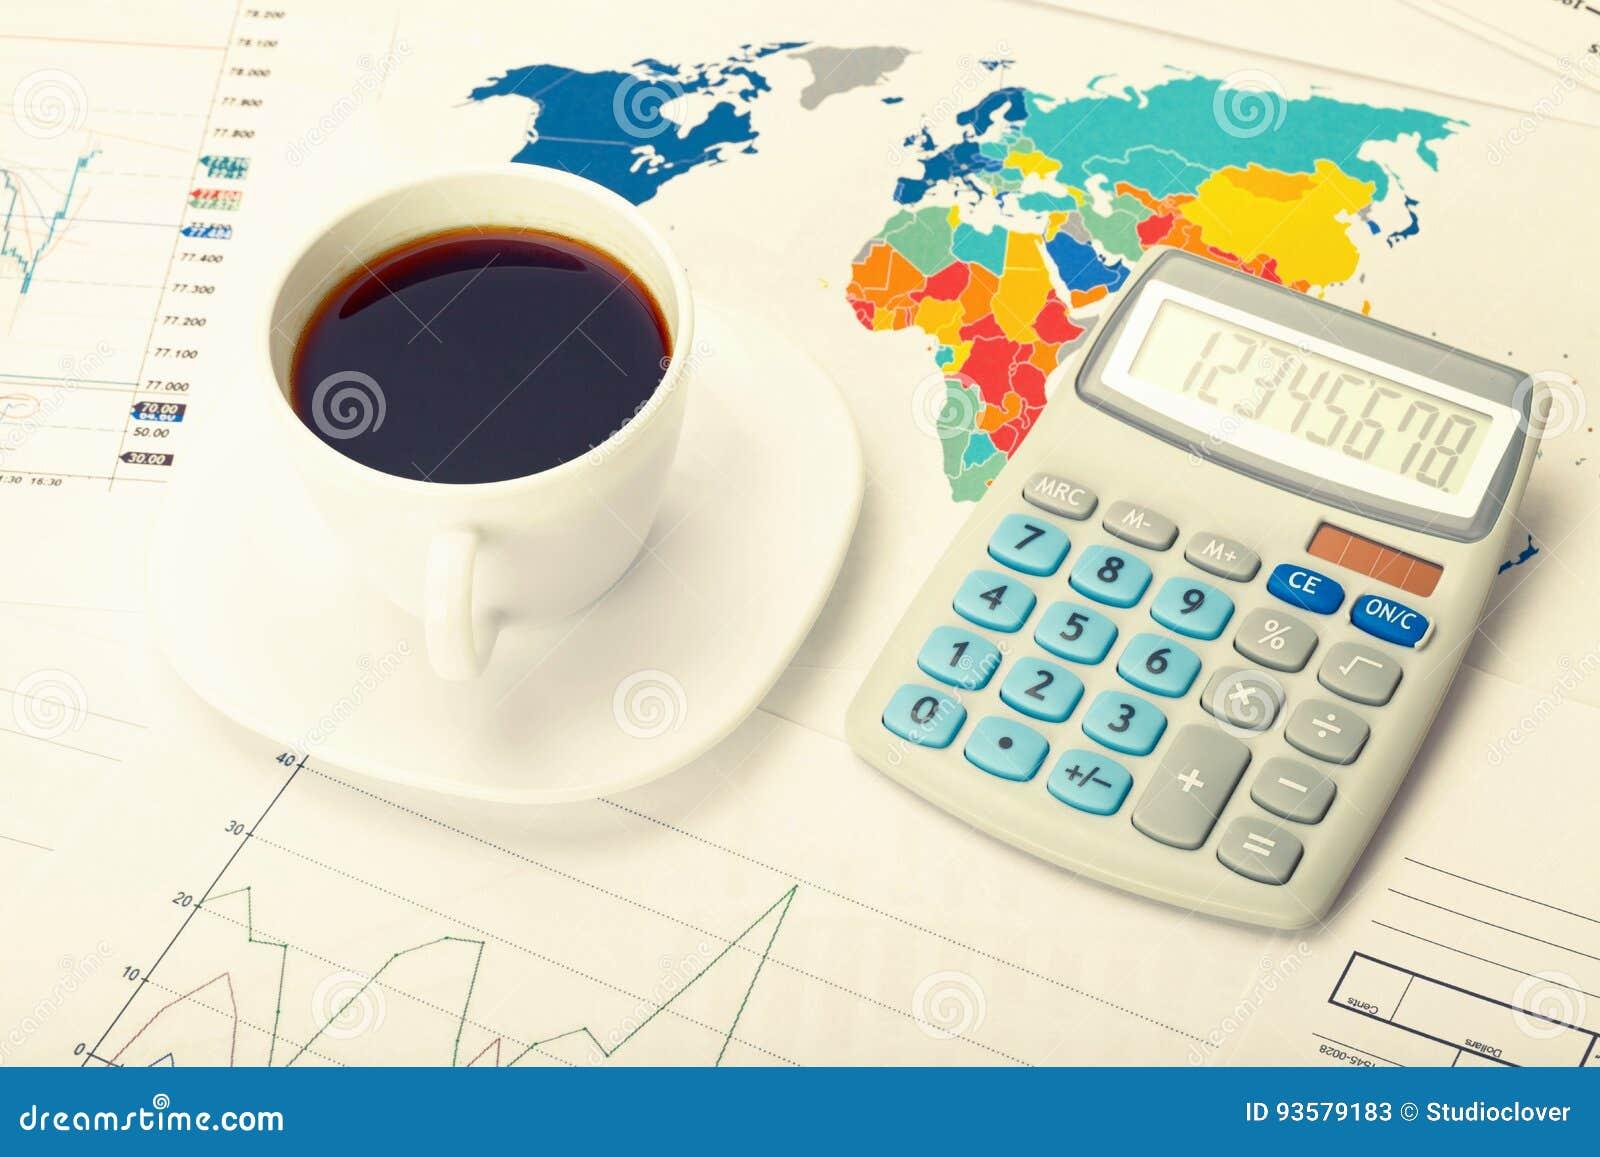 Φλυτζάνι και υπολογιστής καφέ πέρα από τον παγκόσμιο χάρτη και μερικά οικονομικά διαγράμματα Φιλτραρισμένη εικόνα: επεξεργασμένη